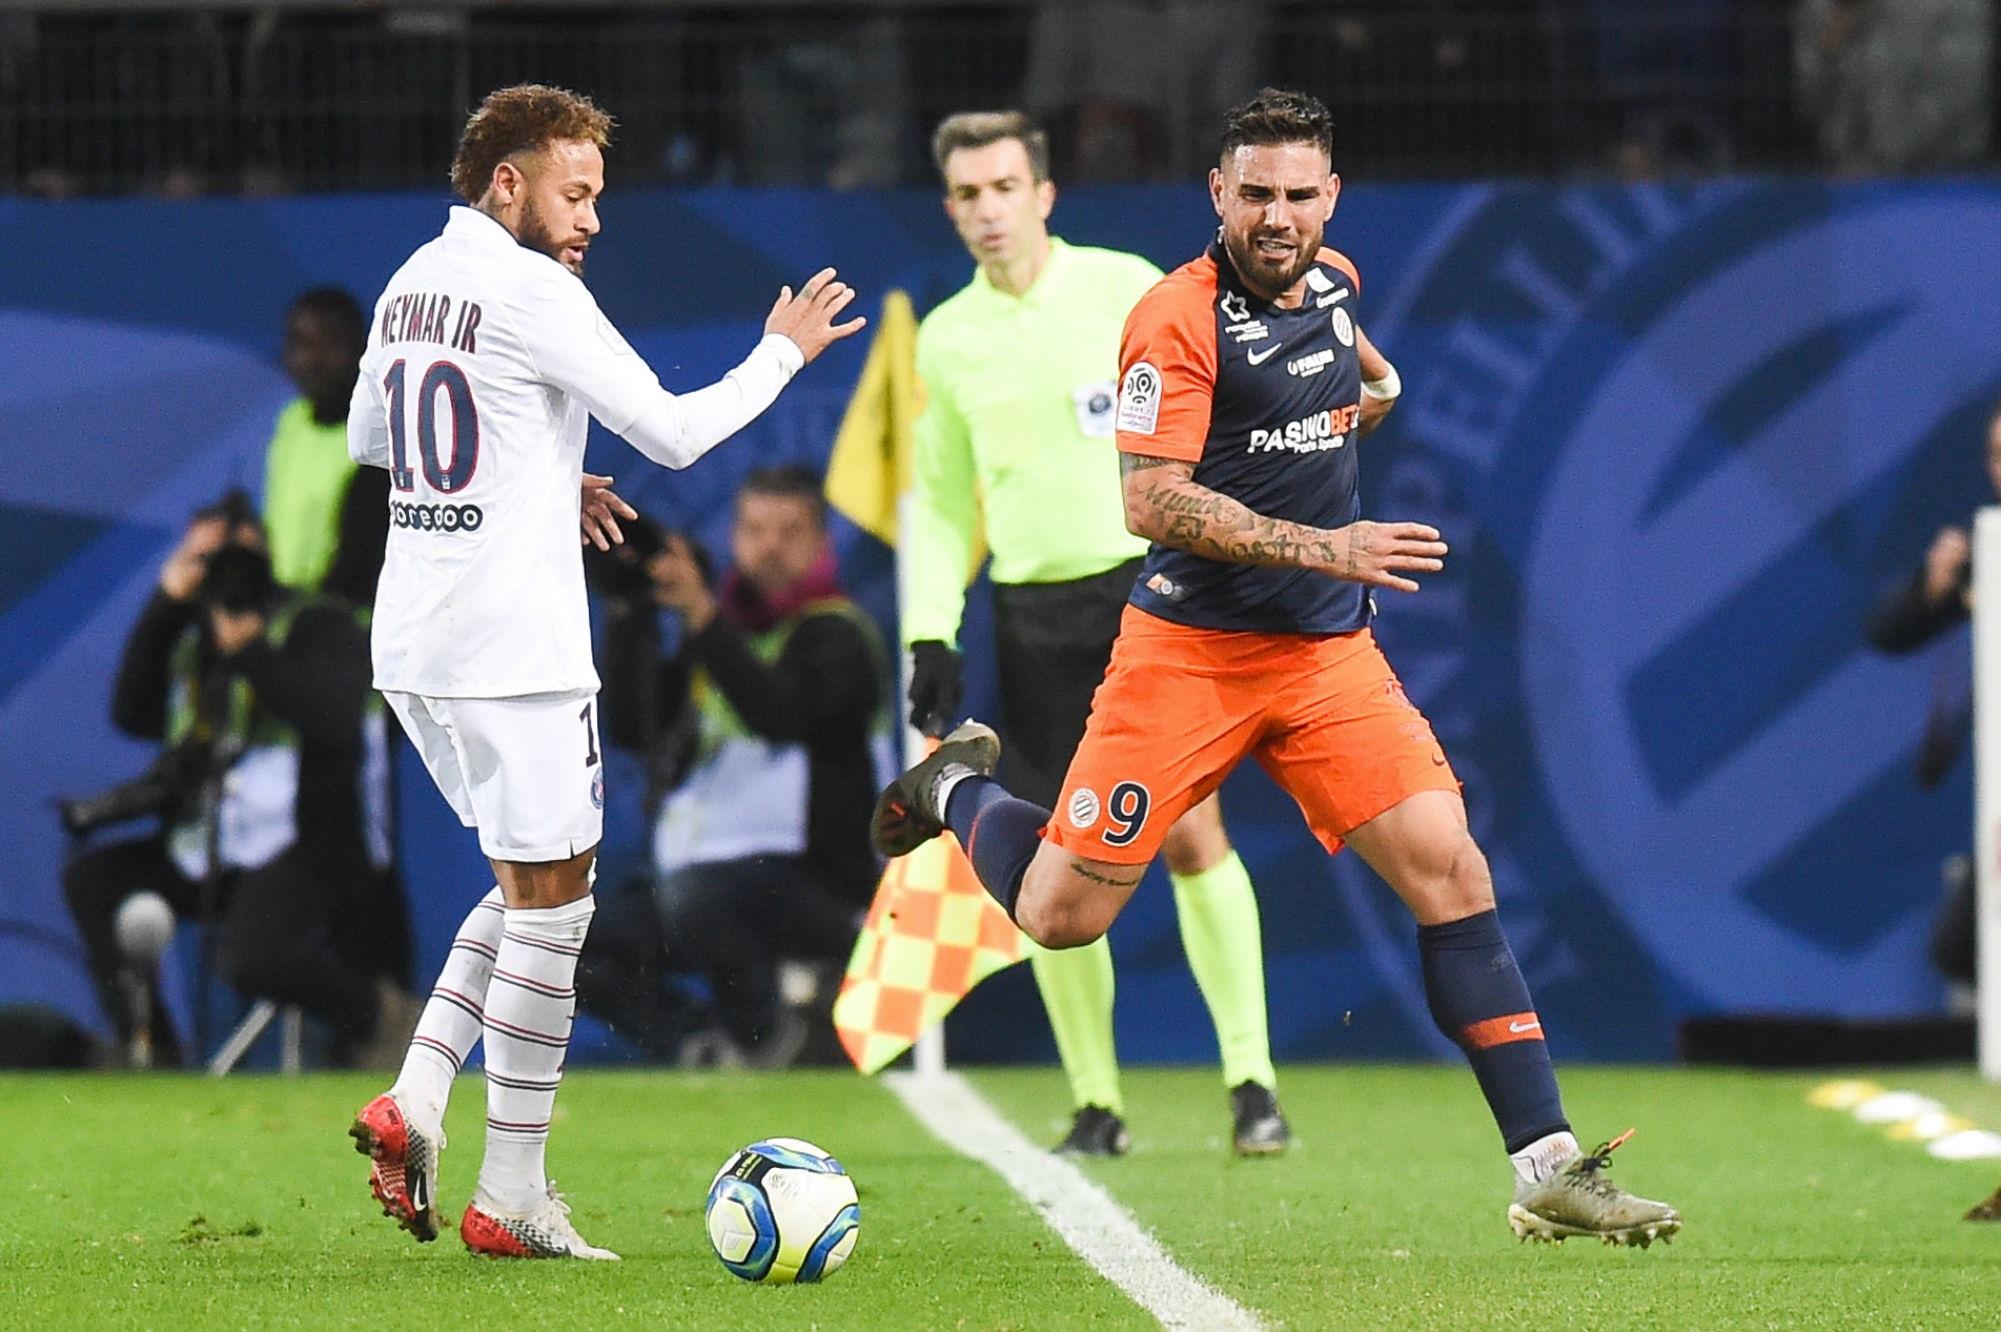 """PSG/Montpellier - Delort assure que """"tout va bien"""" avec Neymar et évoque """"un match bonus"""""""